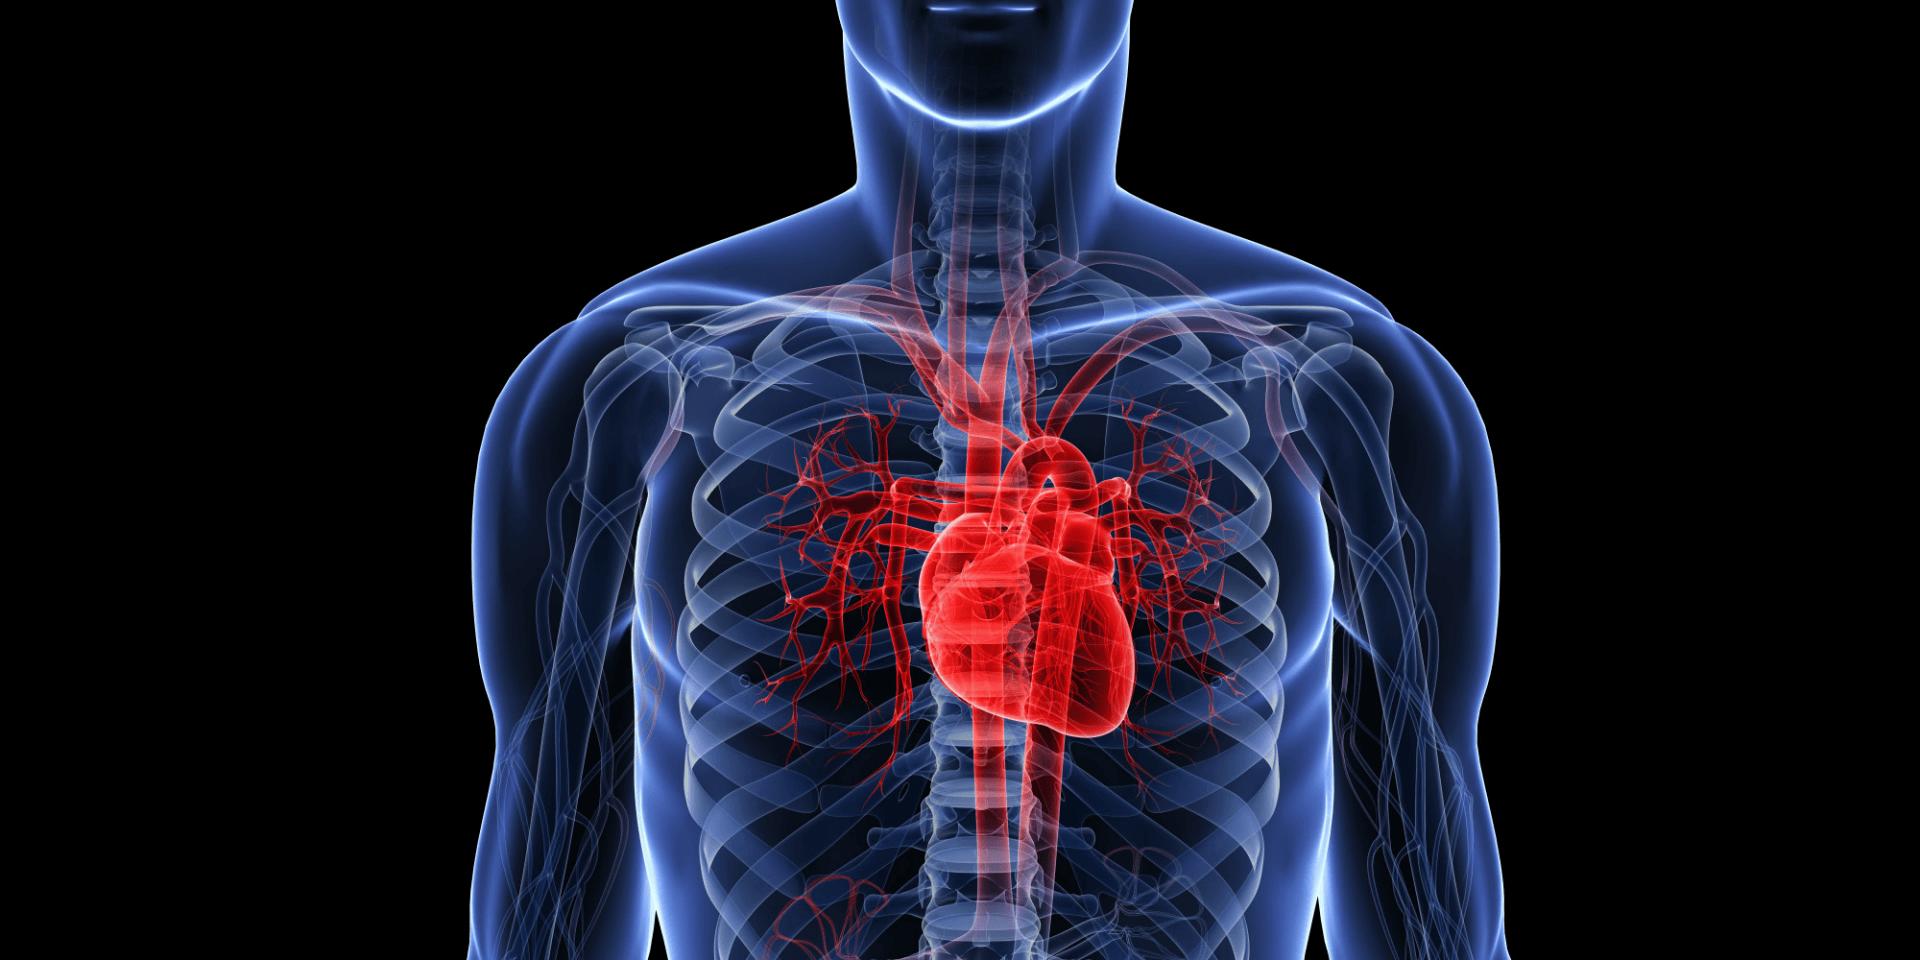 Wzmocnienie serca i układu krążenia. Dieta i zioła na serce oraz prokardiologiczny styl życia. Jak wzmocnić serce? KOMPENDIUM